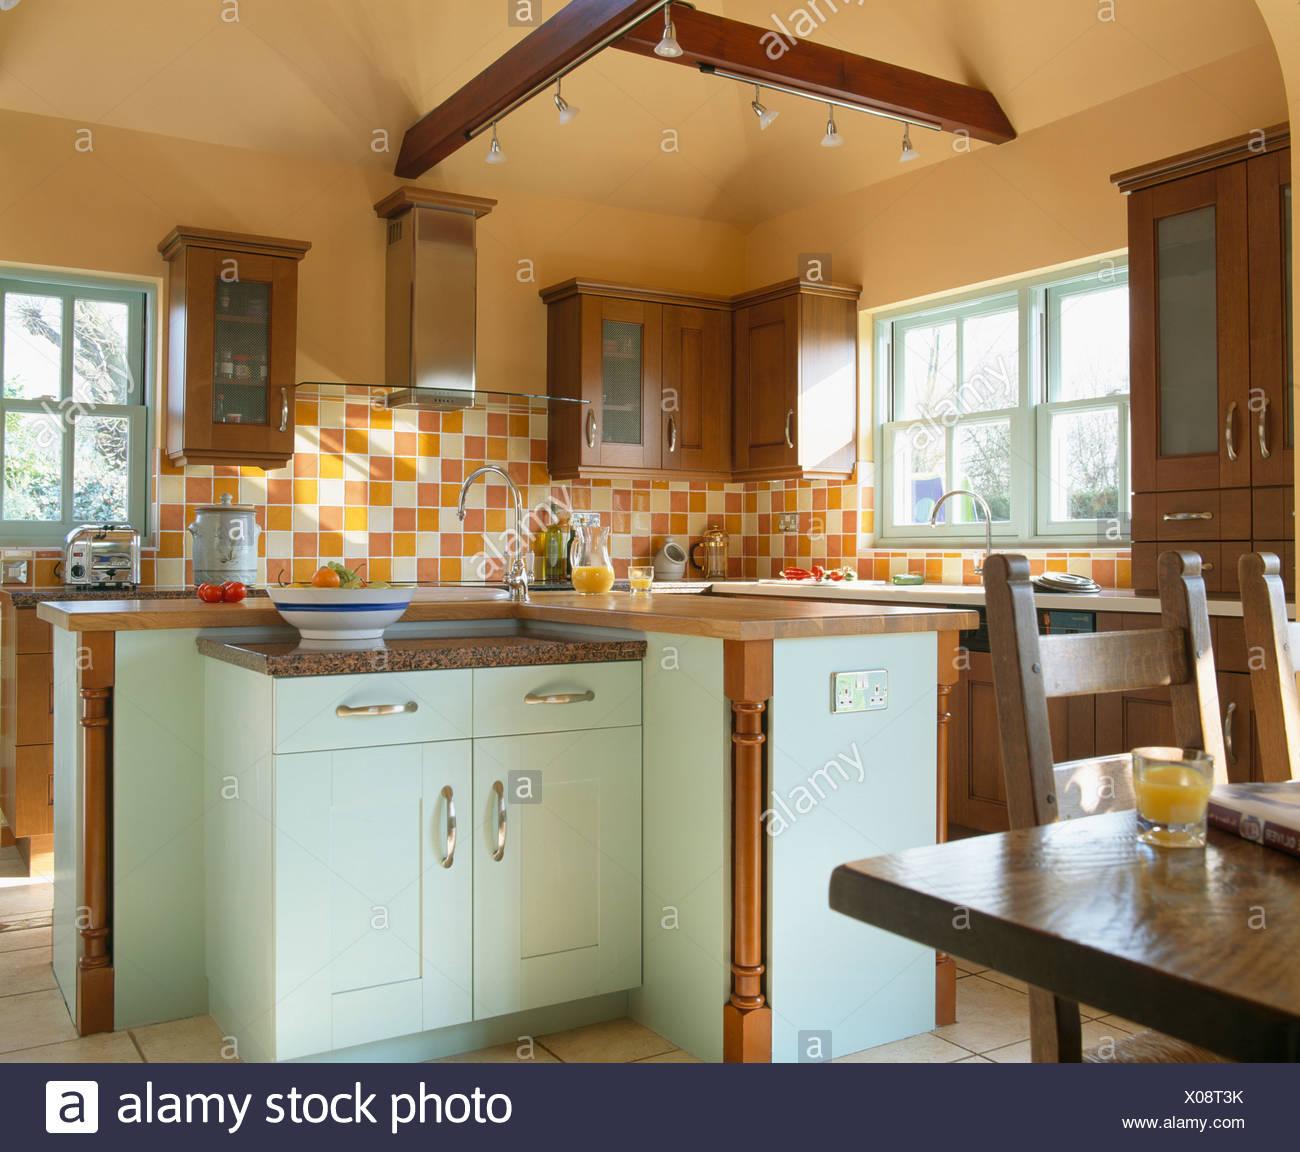 Hermosa Cocina Azulejos De Mosaico Reino Unido Modelo - Ideas de ...